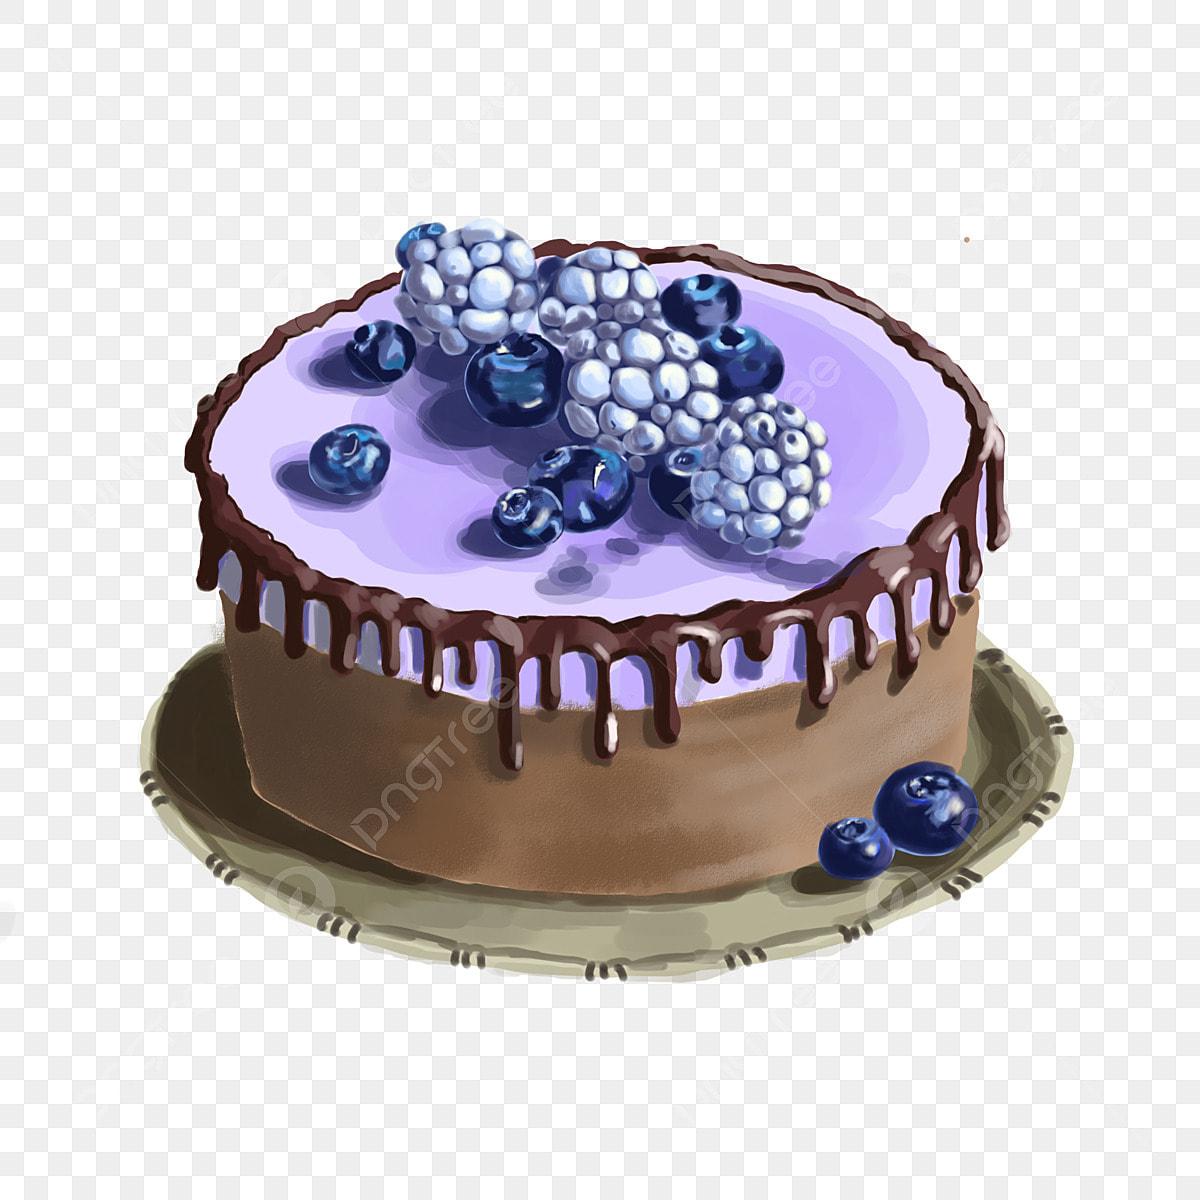 Gambar Kek Bulat Kek Blueberry Kek Cantik Hiasan Kek Kek Coklat Hiasan Kek Kek Krim Png Dan Psd Untuk Muat Turun Percuma